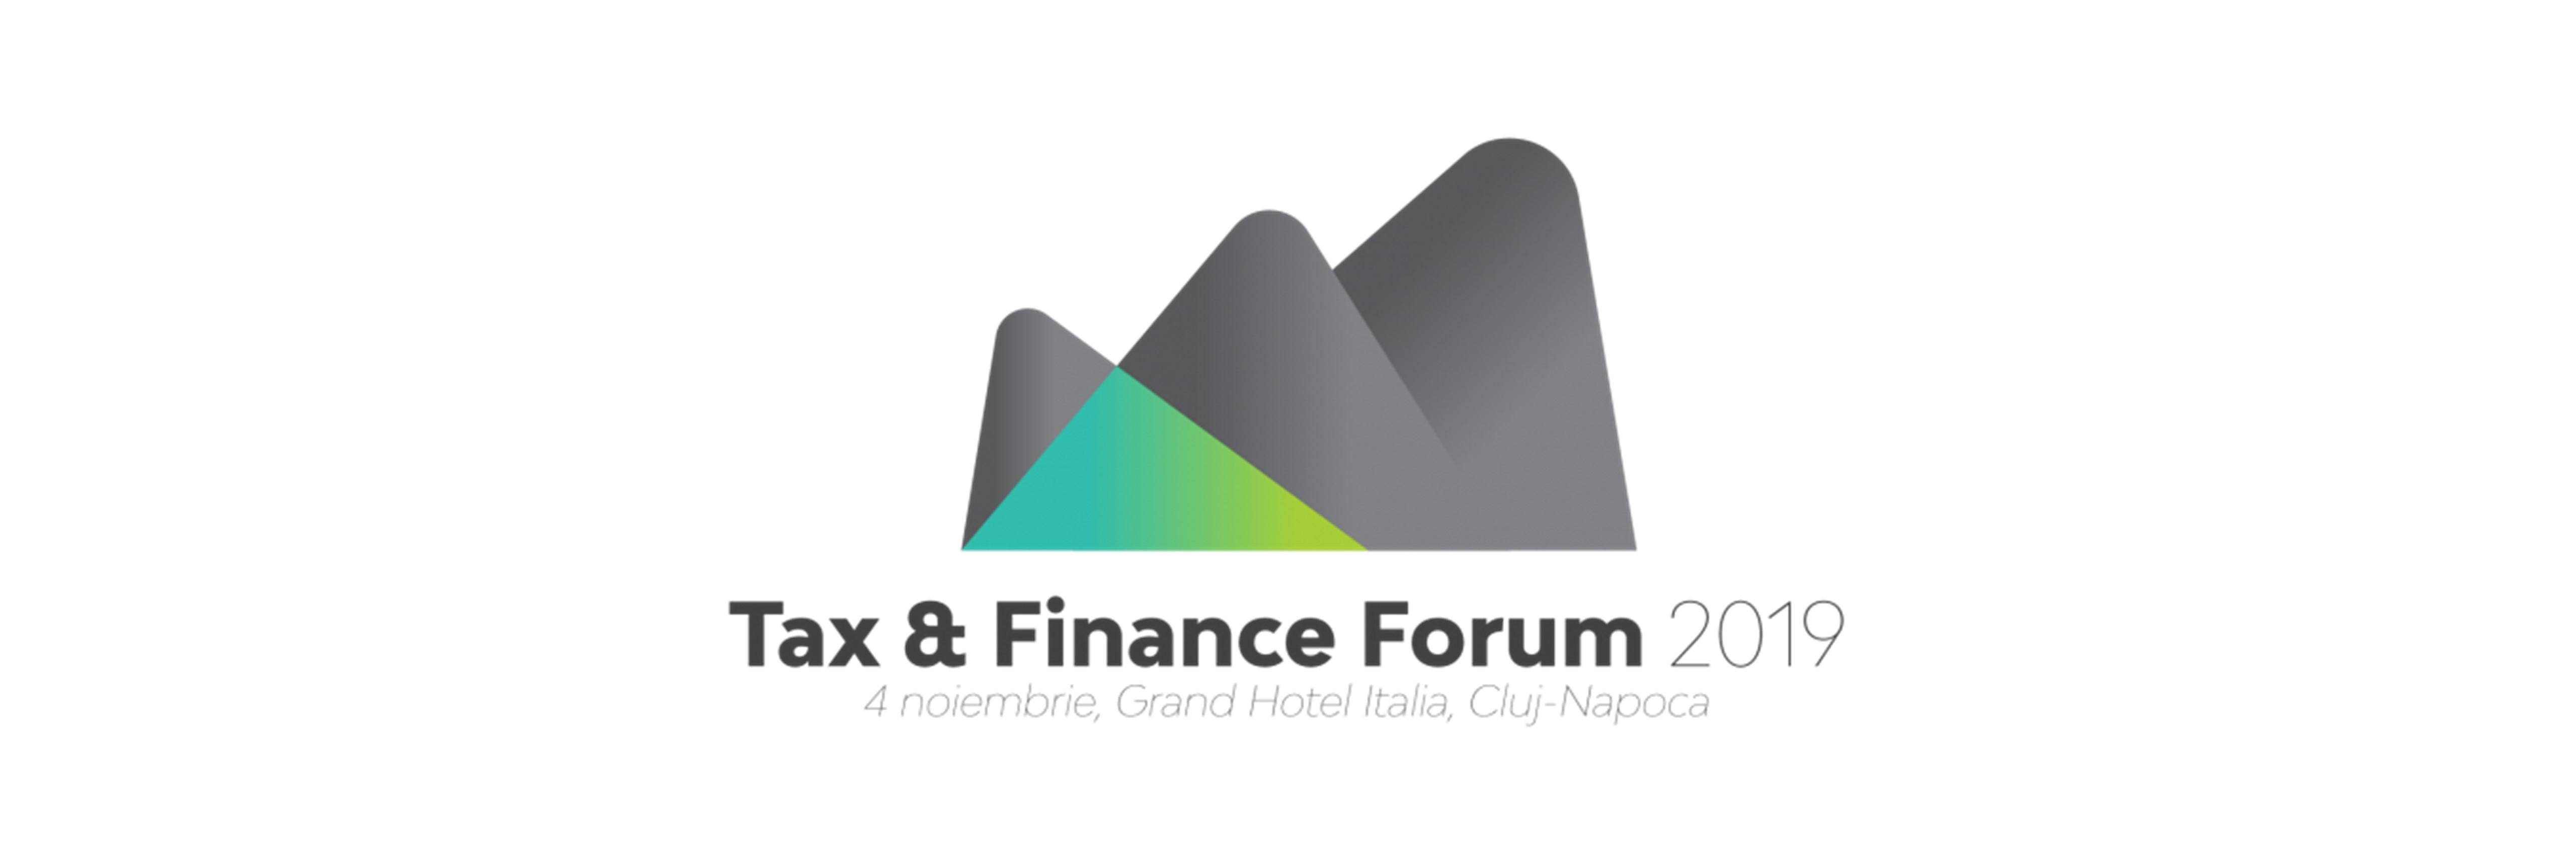 Tax&Finance